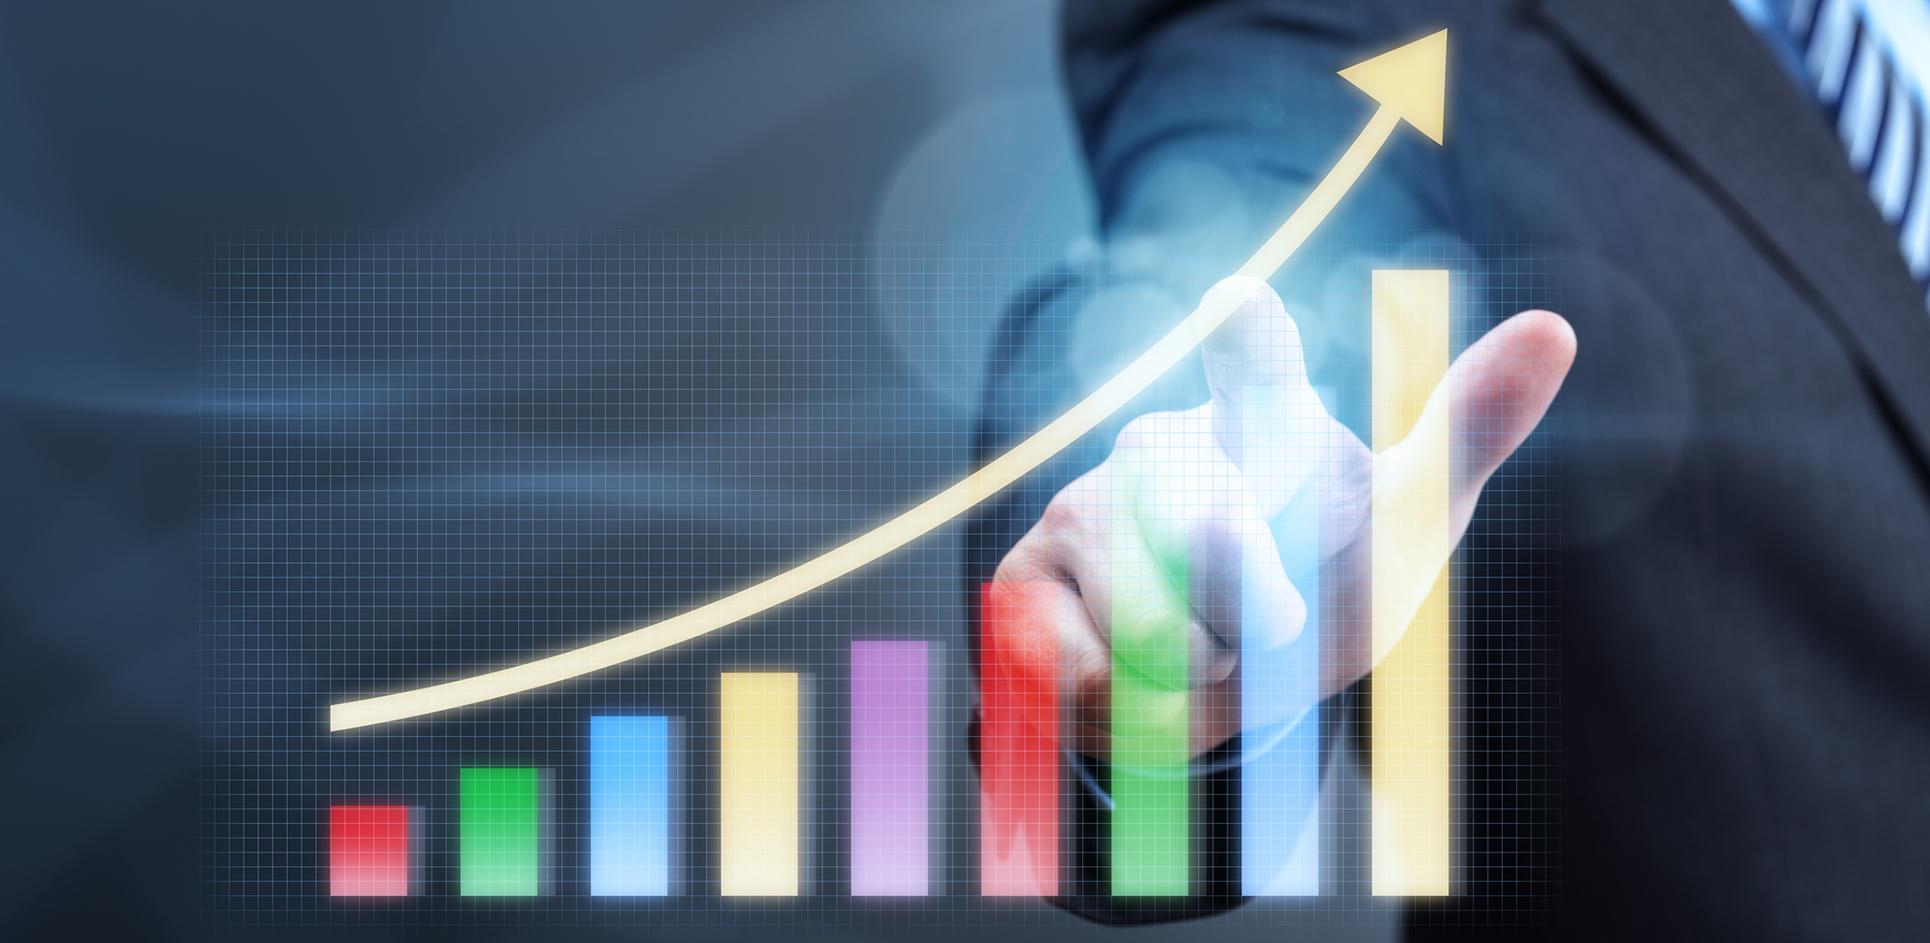 3 estratégias simples para aumentar minhas vendas